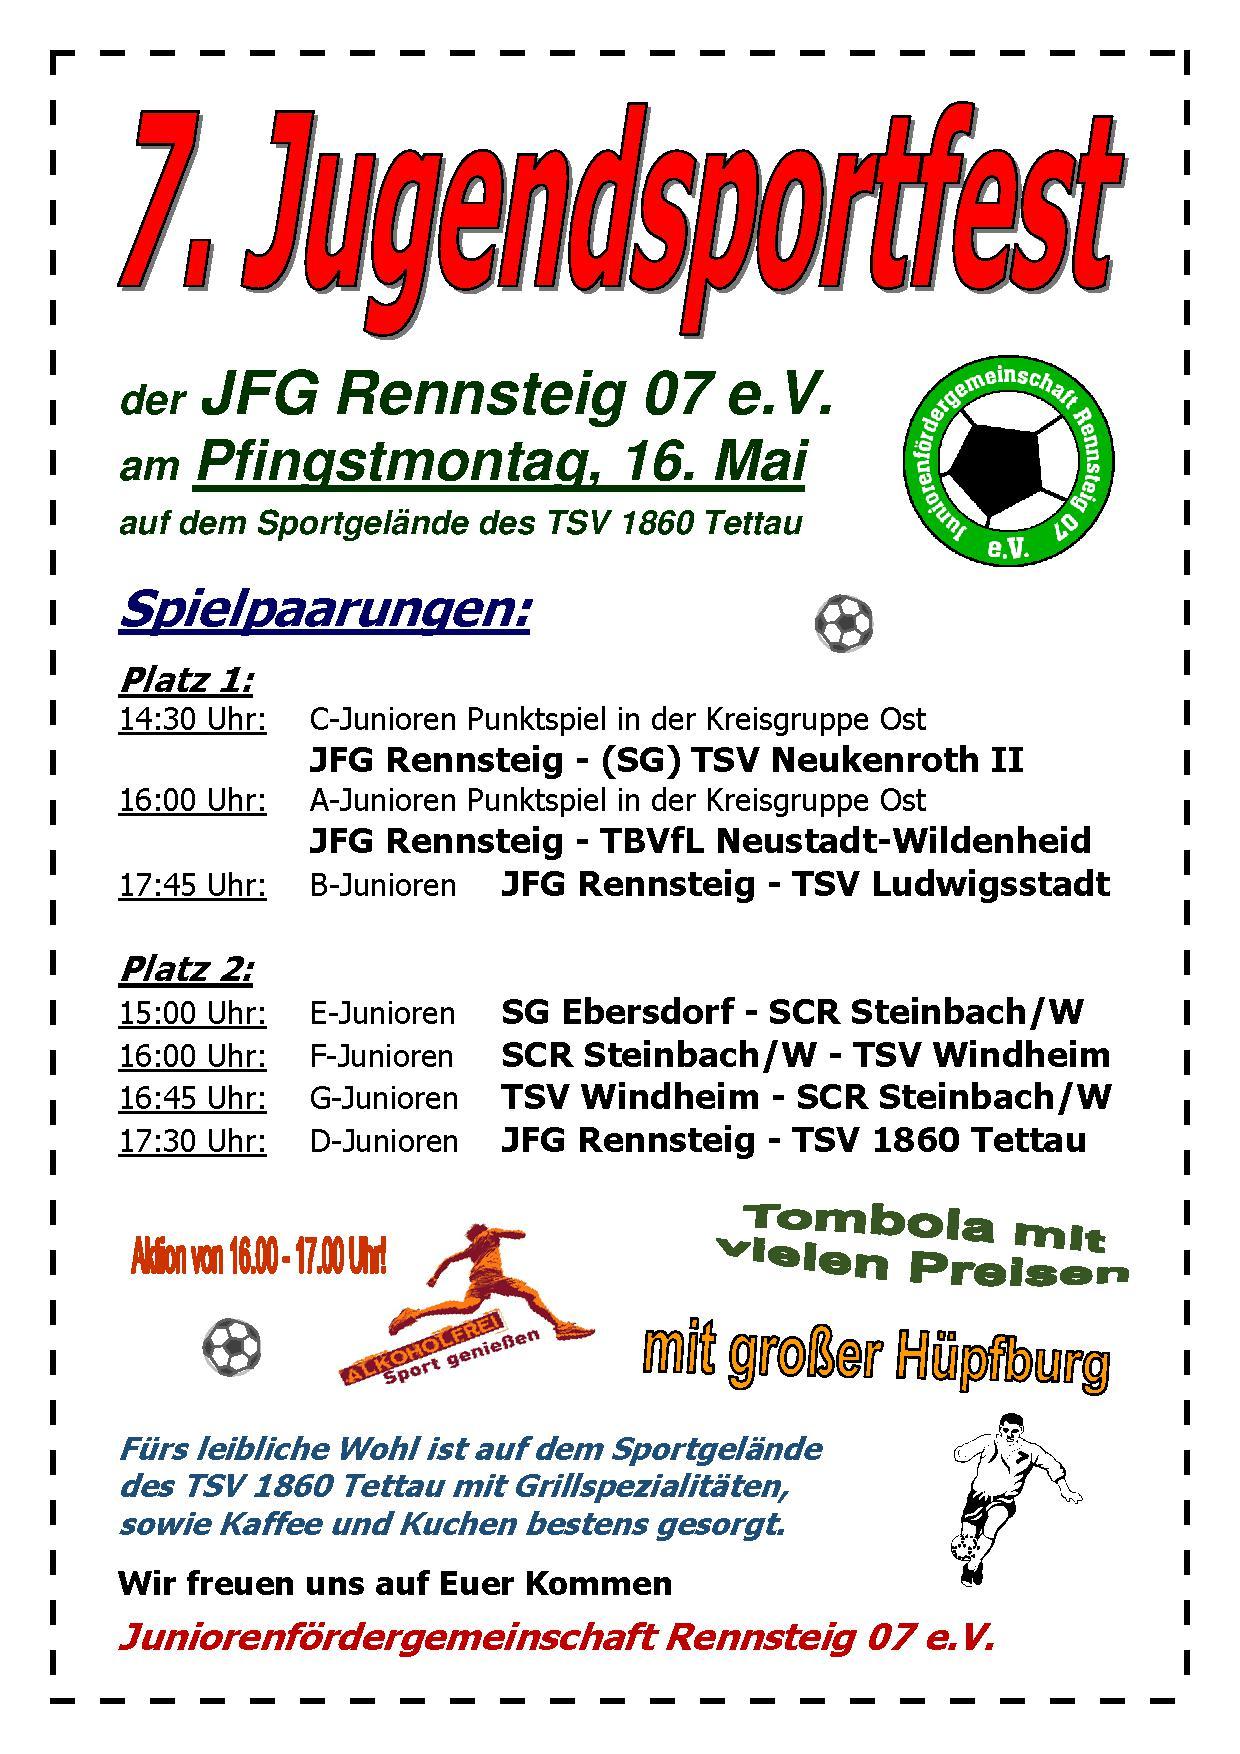 7. Jugendsportfest